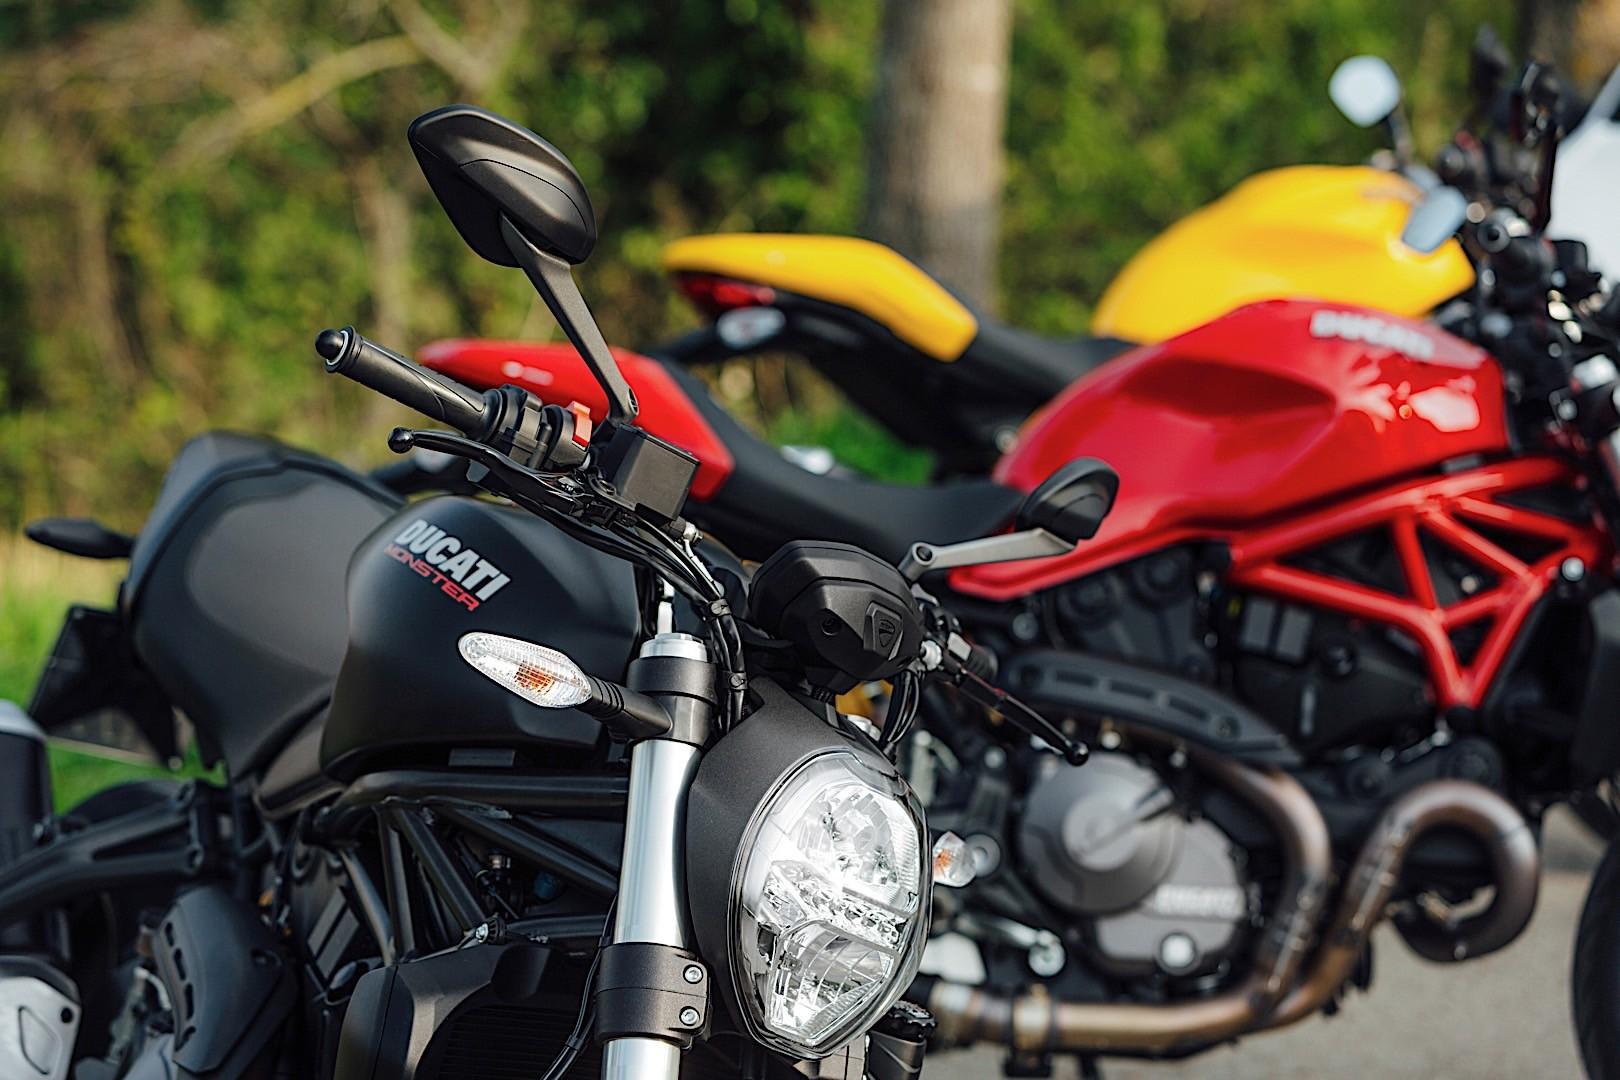 Ducati Monster 821 2018 - Dark Stealth ⋆ Motorcycles R Us